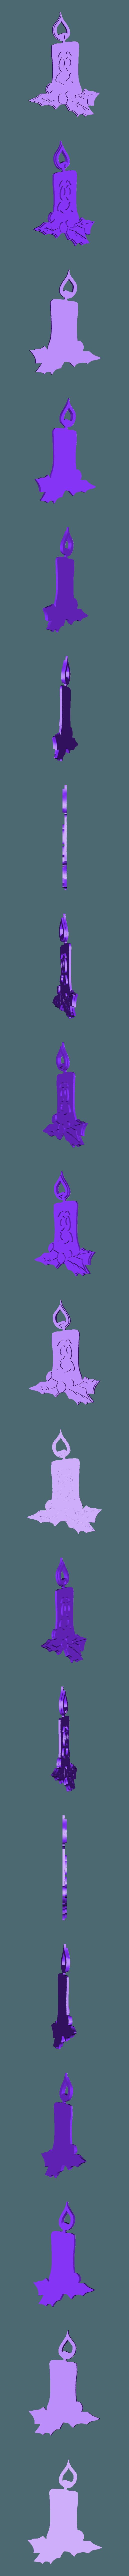 bougie ornement.stl Download free STL file Ornament candle • 3D printable model, Motek3D